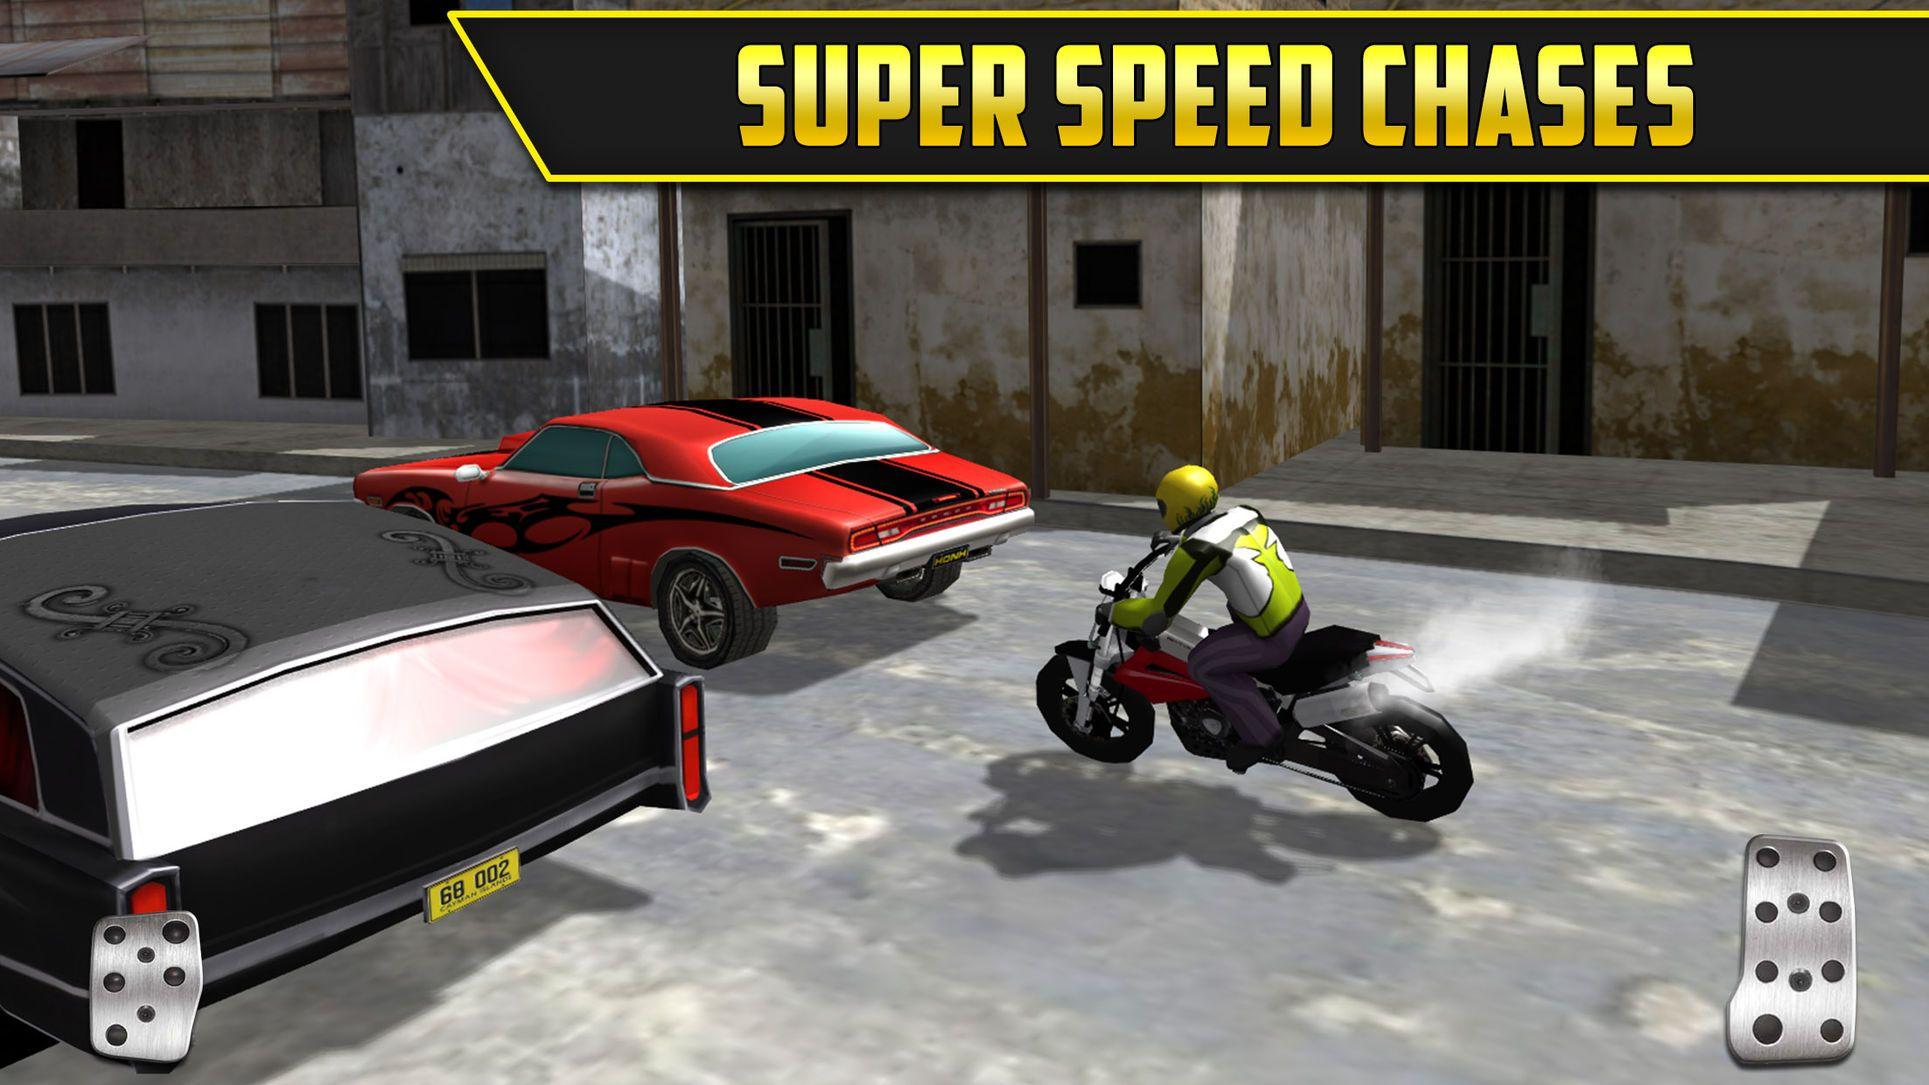 Real Driving Games >> 3d Motor Bike Drag Race Real Driving Simulator Racing Game Game